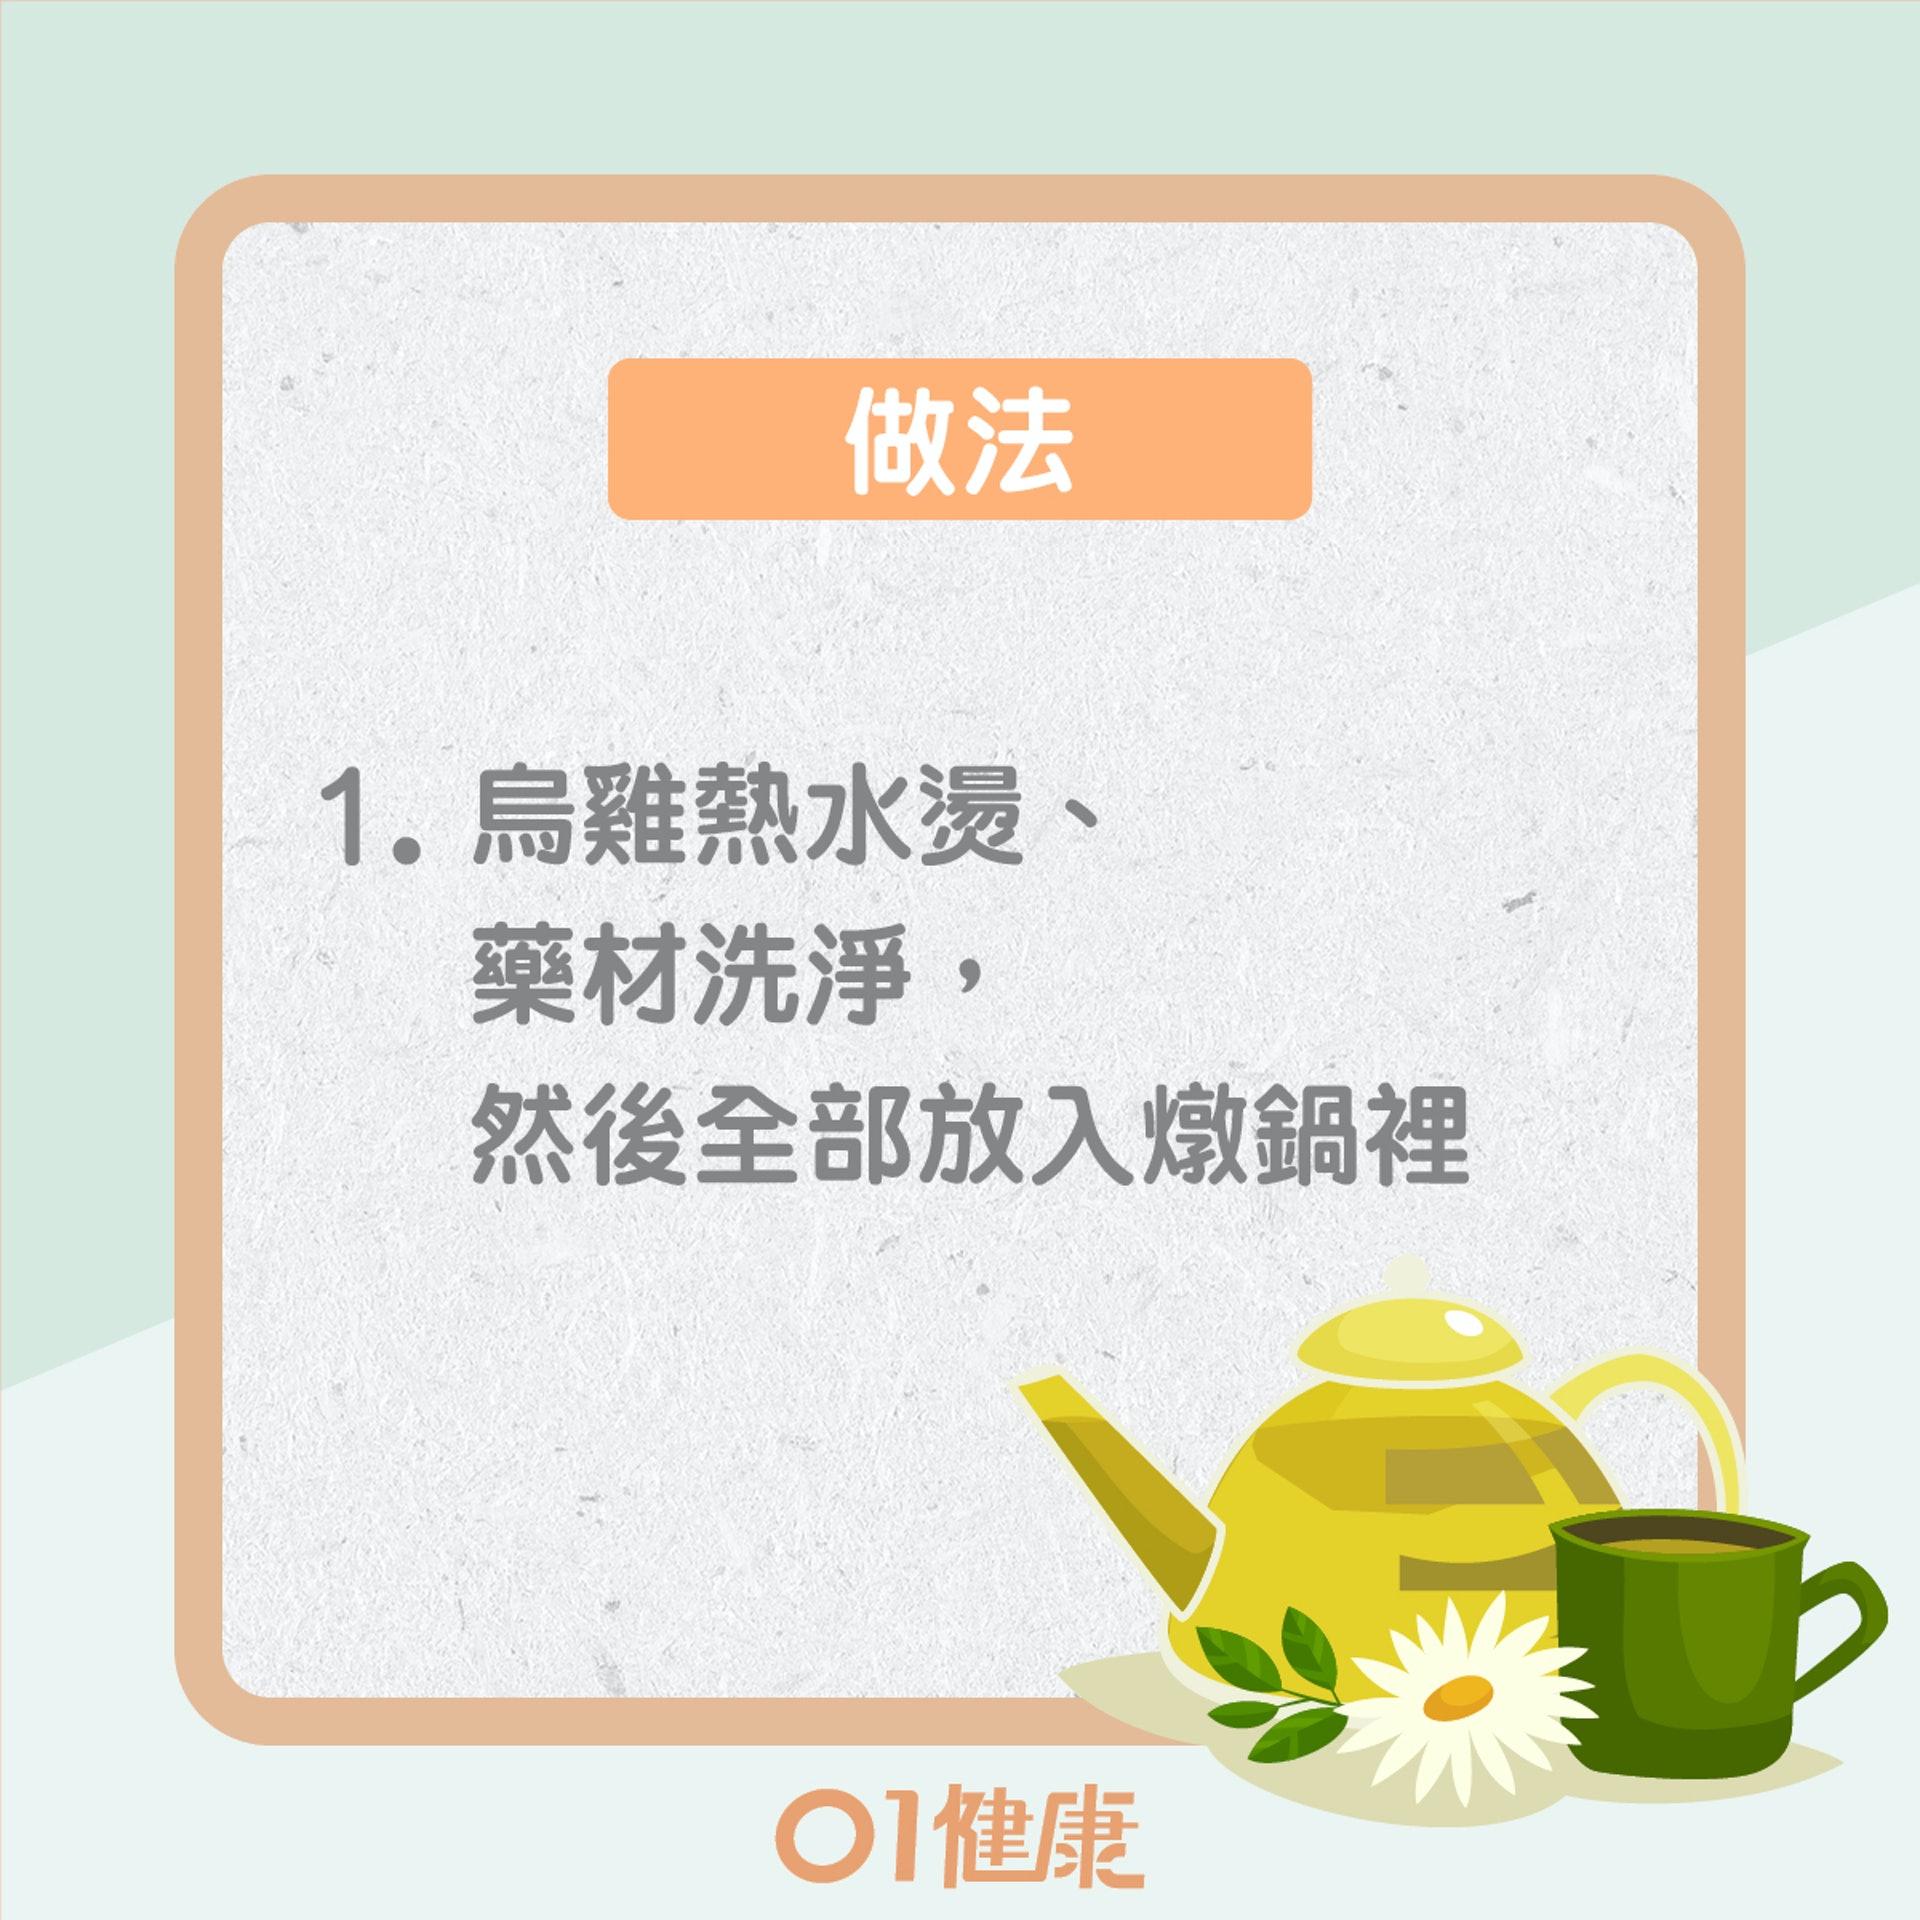 何首烏烏骨雞湯(01製圖)